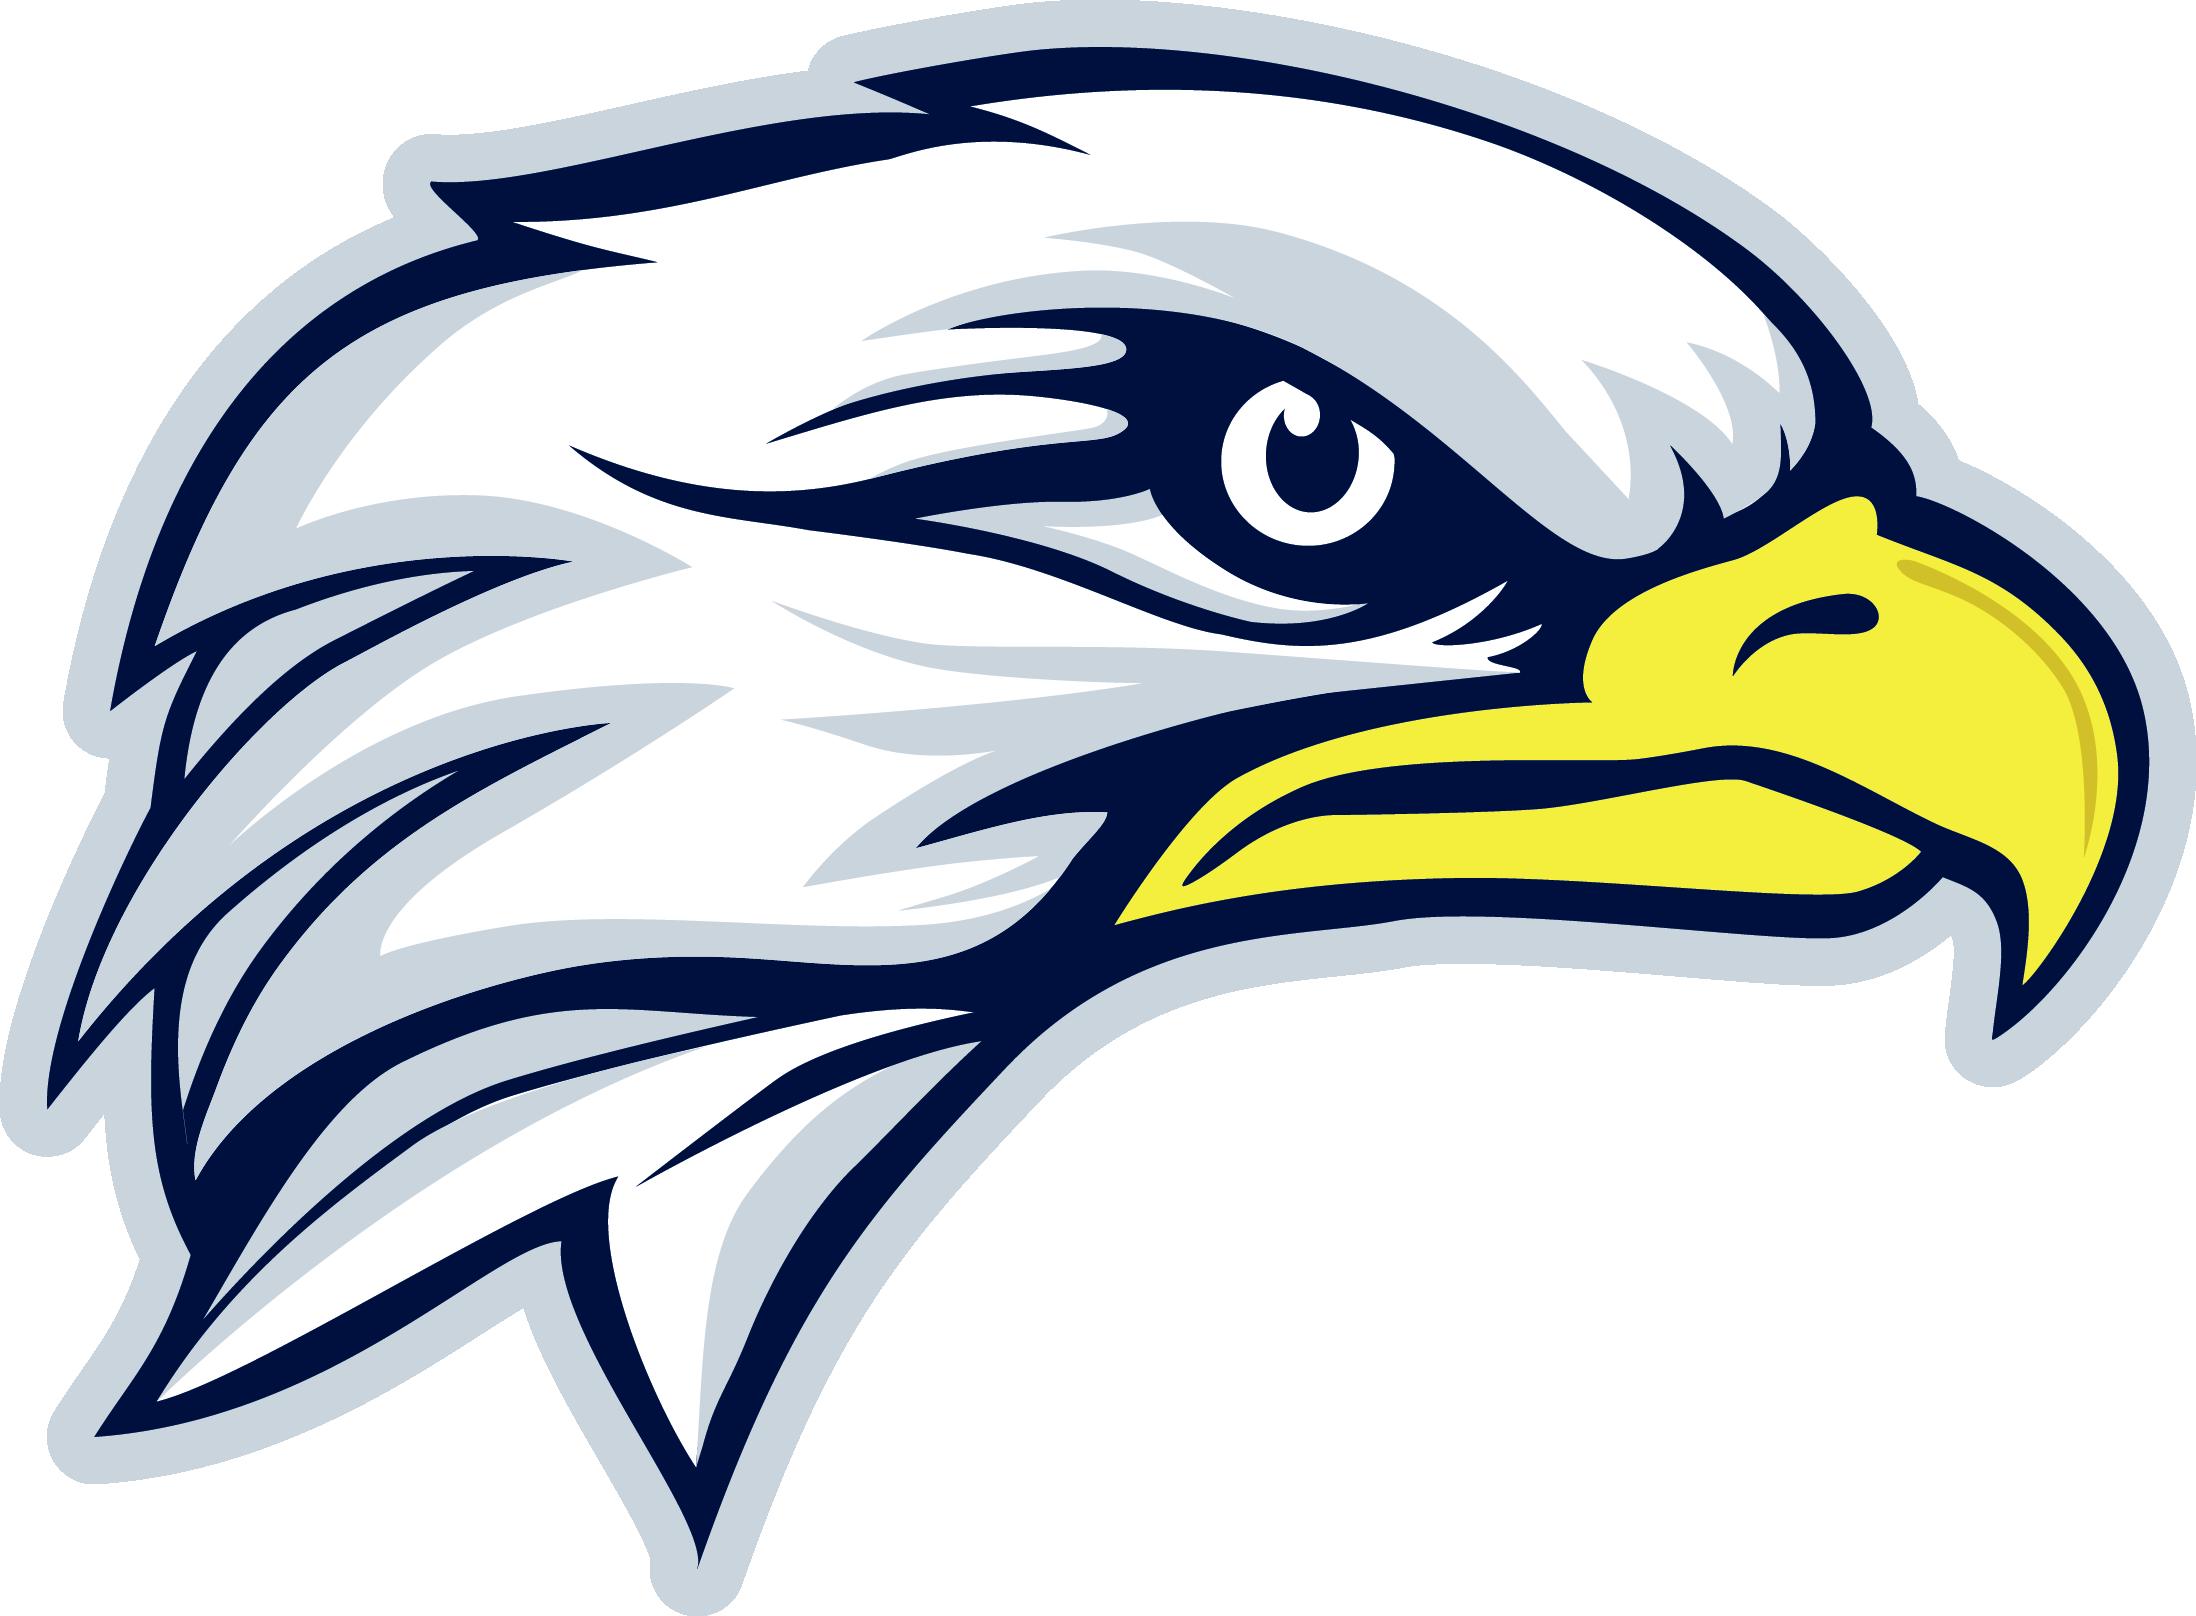 Eagles clipart eagle head, Eagles eagle head Transparent ...